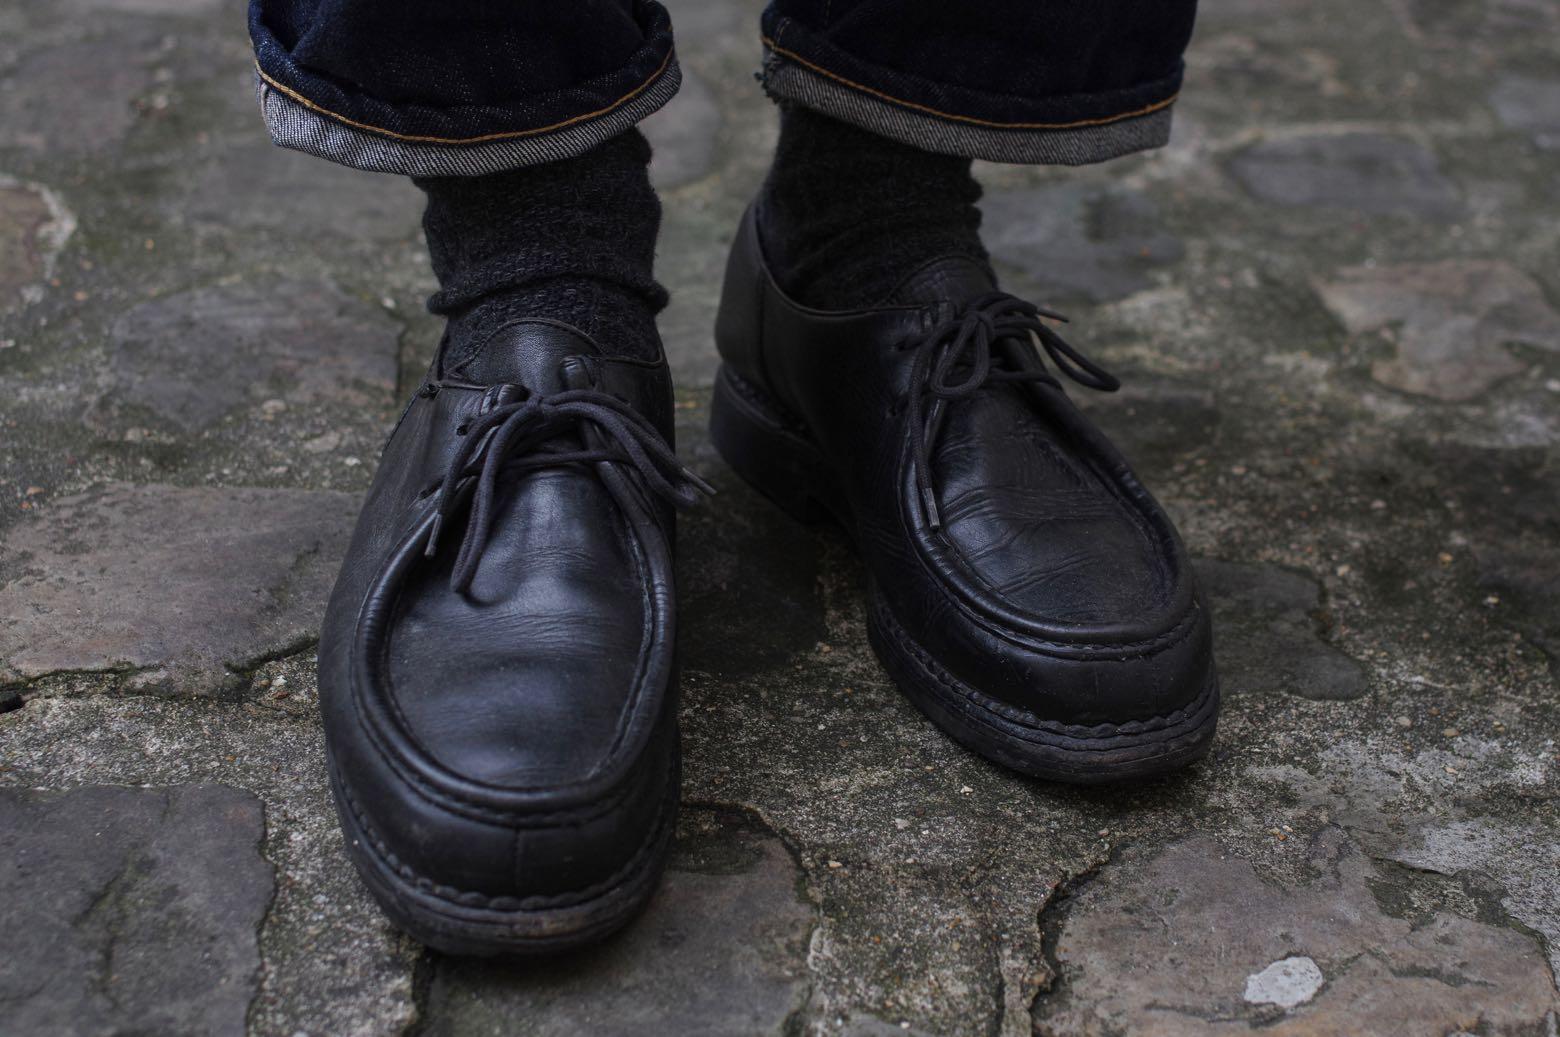 paraboot michael cuir noir - comment porter des paraboot style homme moderne